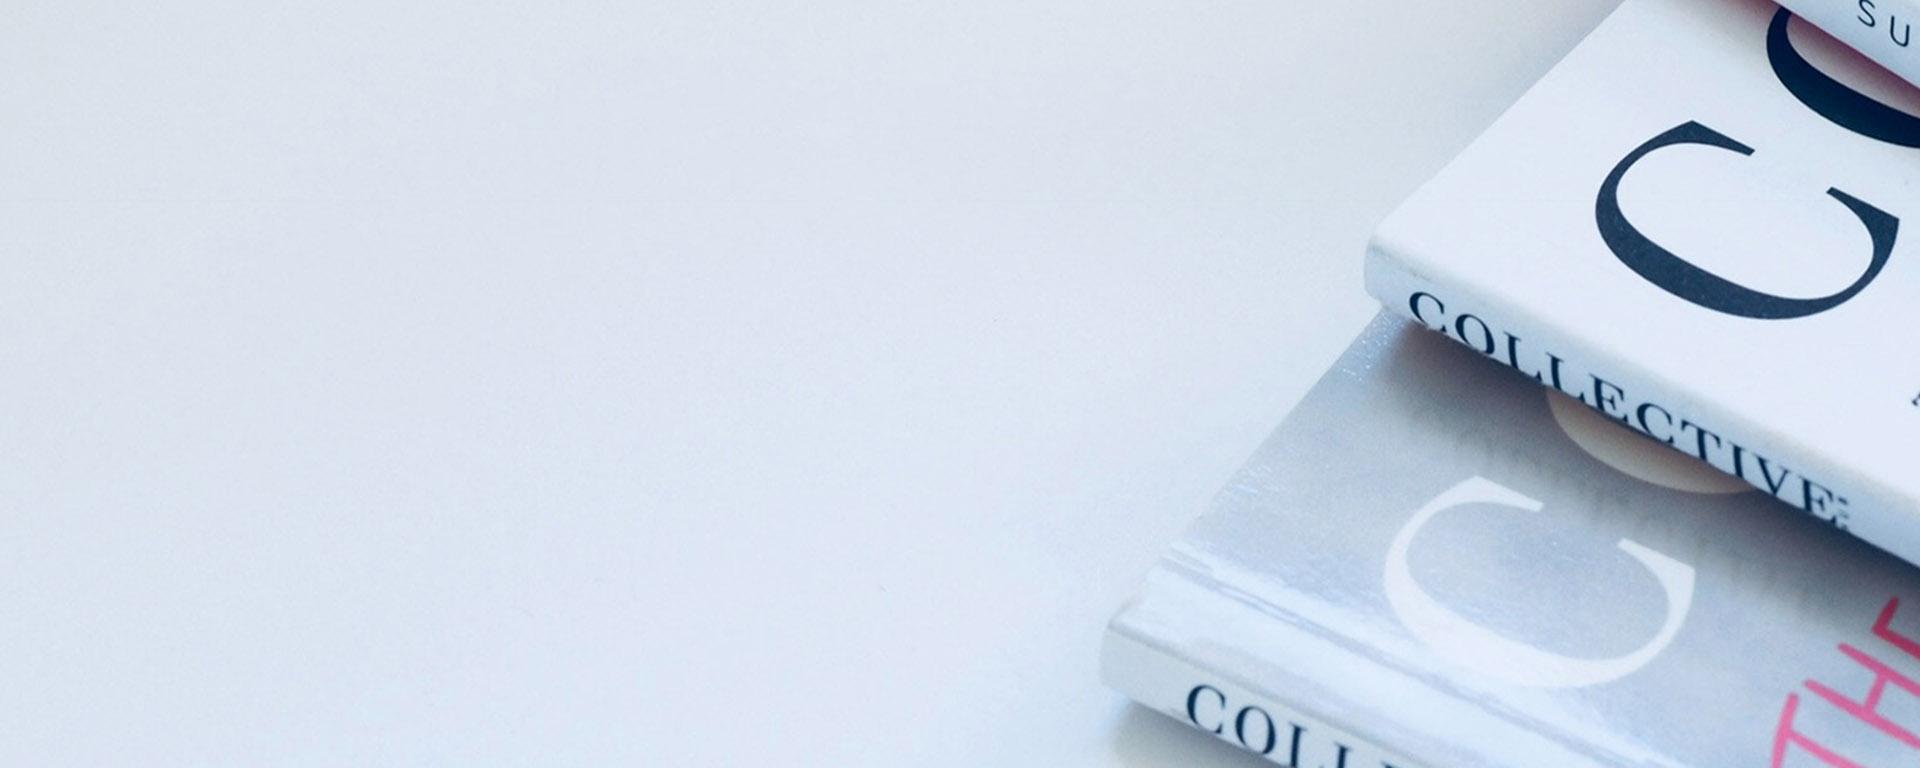 Press & Publications -